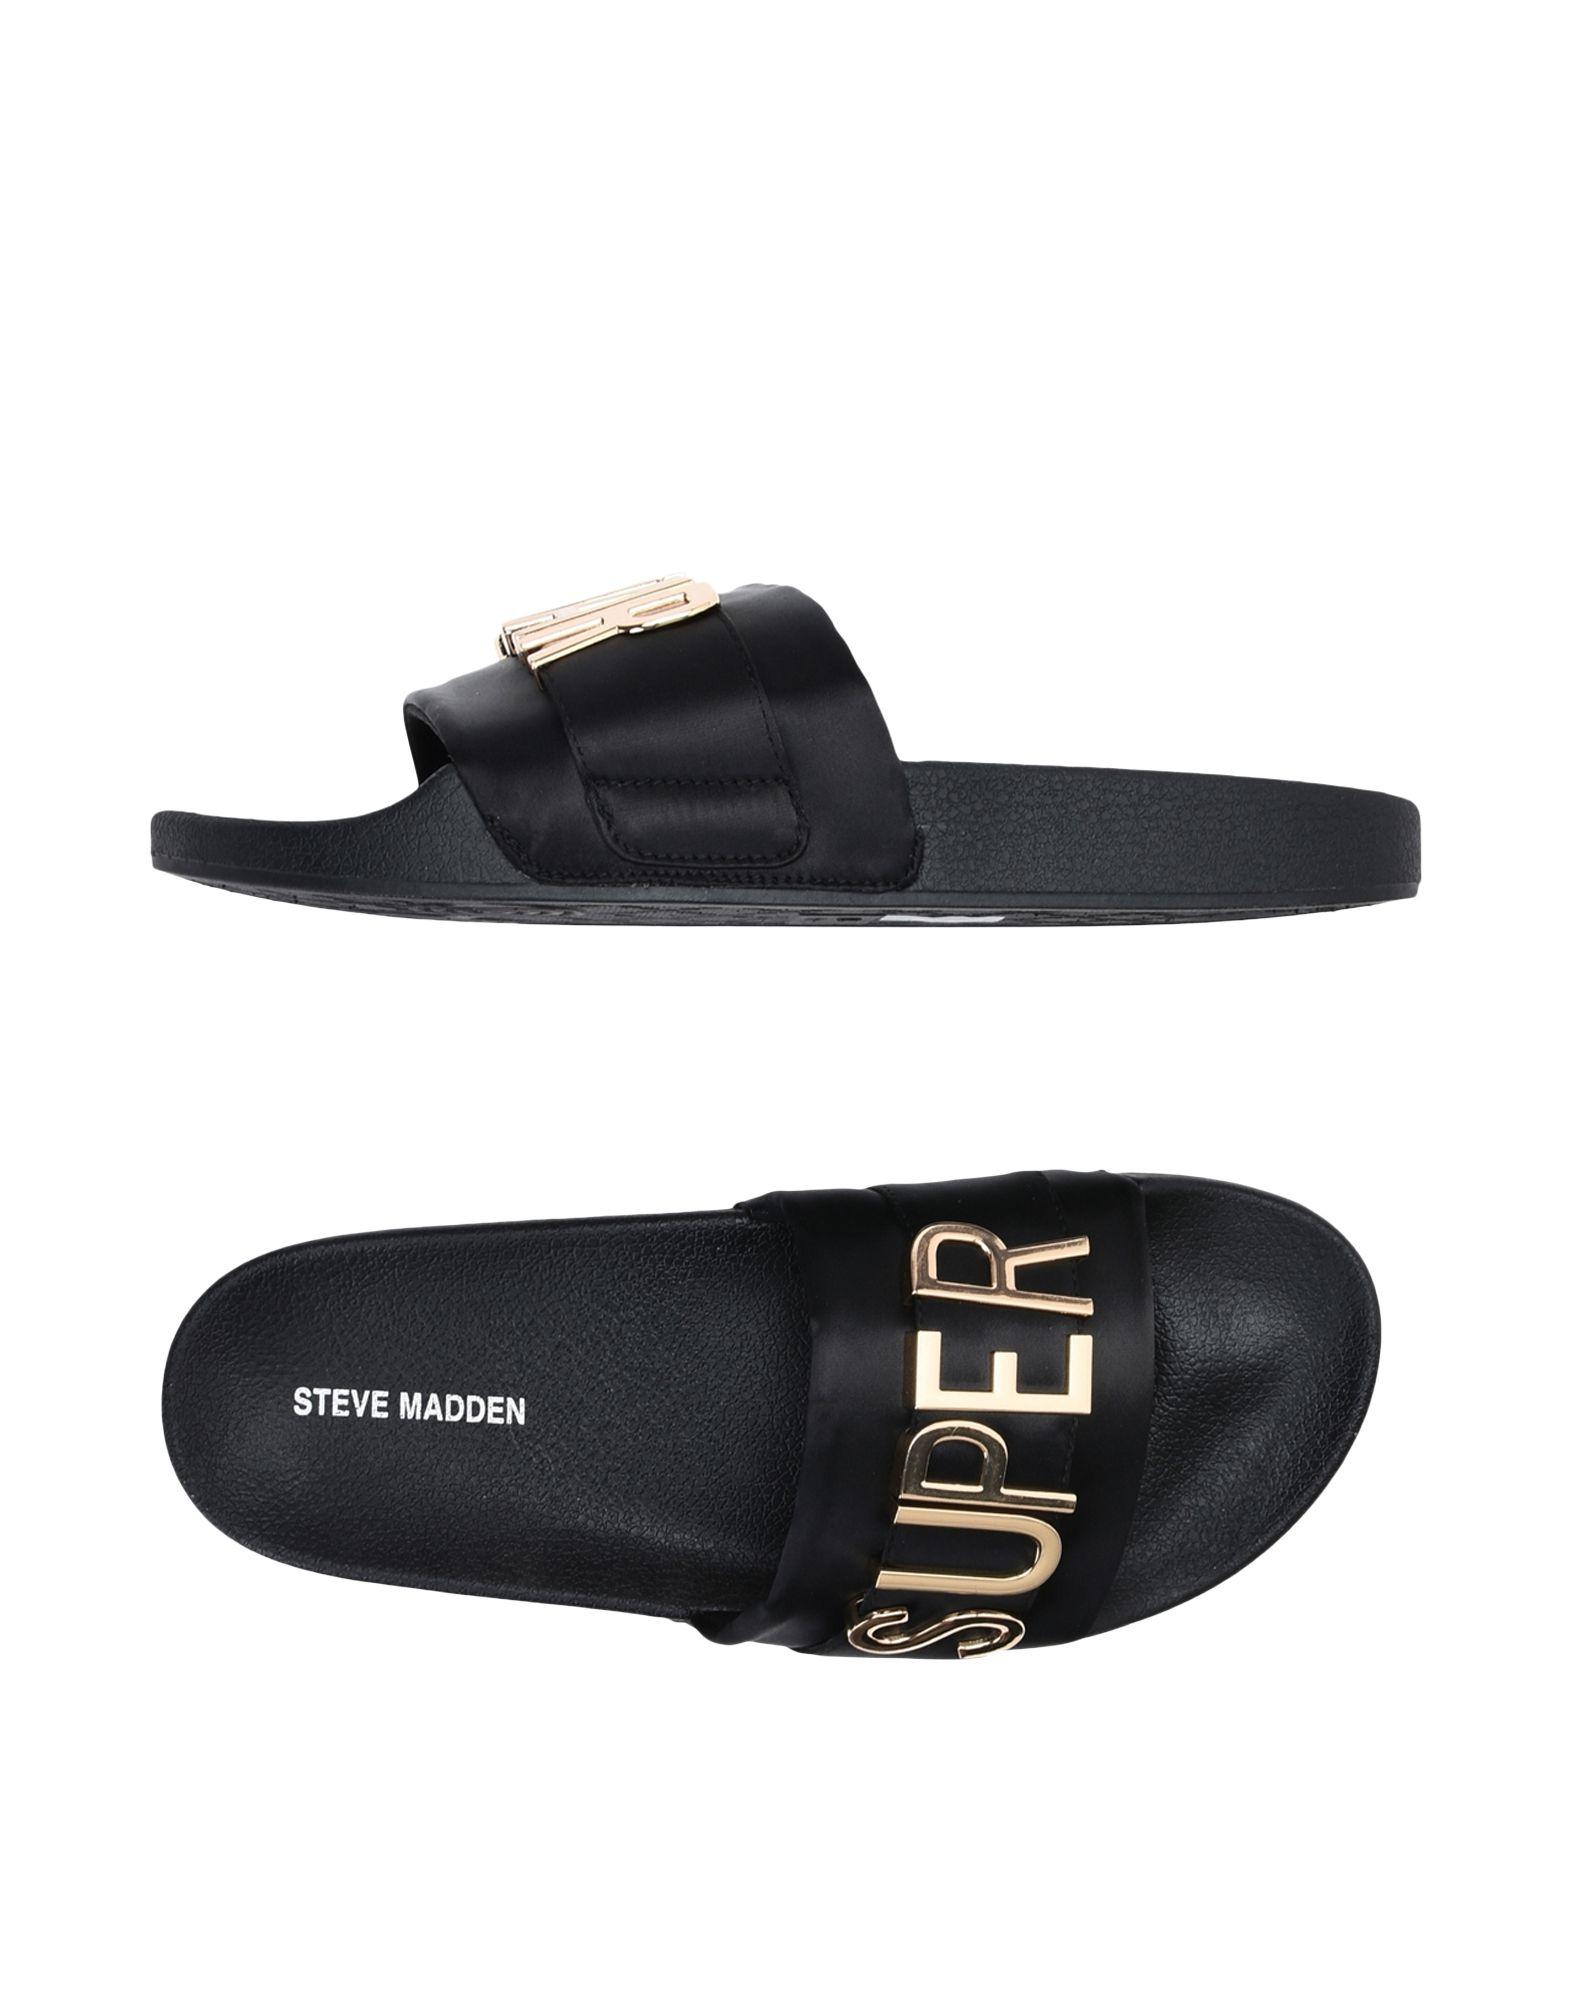 Steve Madden Word Slipper  11436482AH Gute Qualität beliebte beliebte beliebte Schuhe d54297